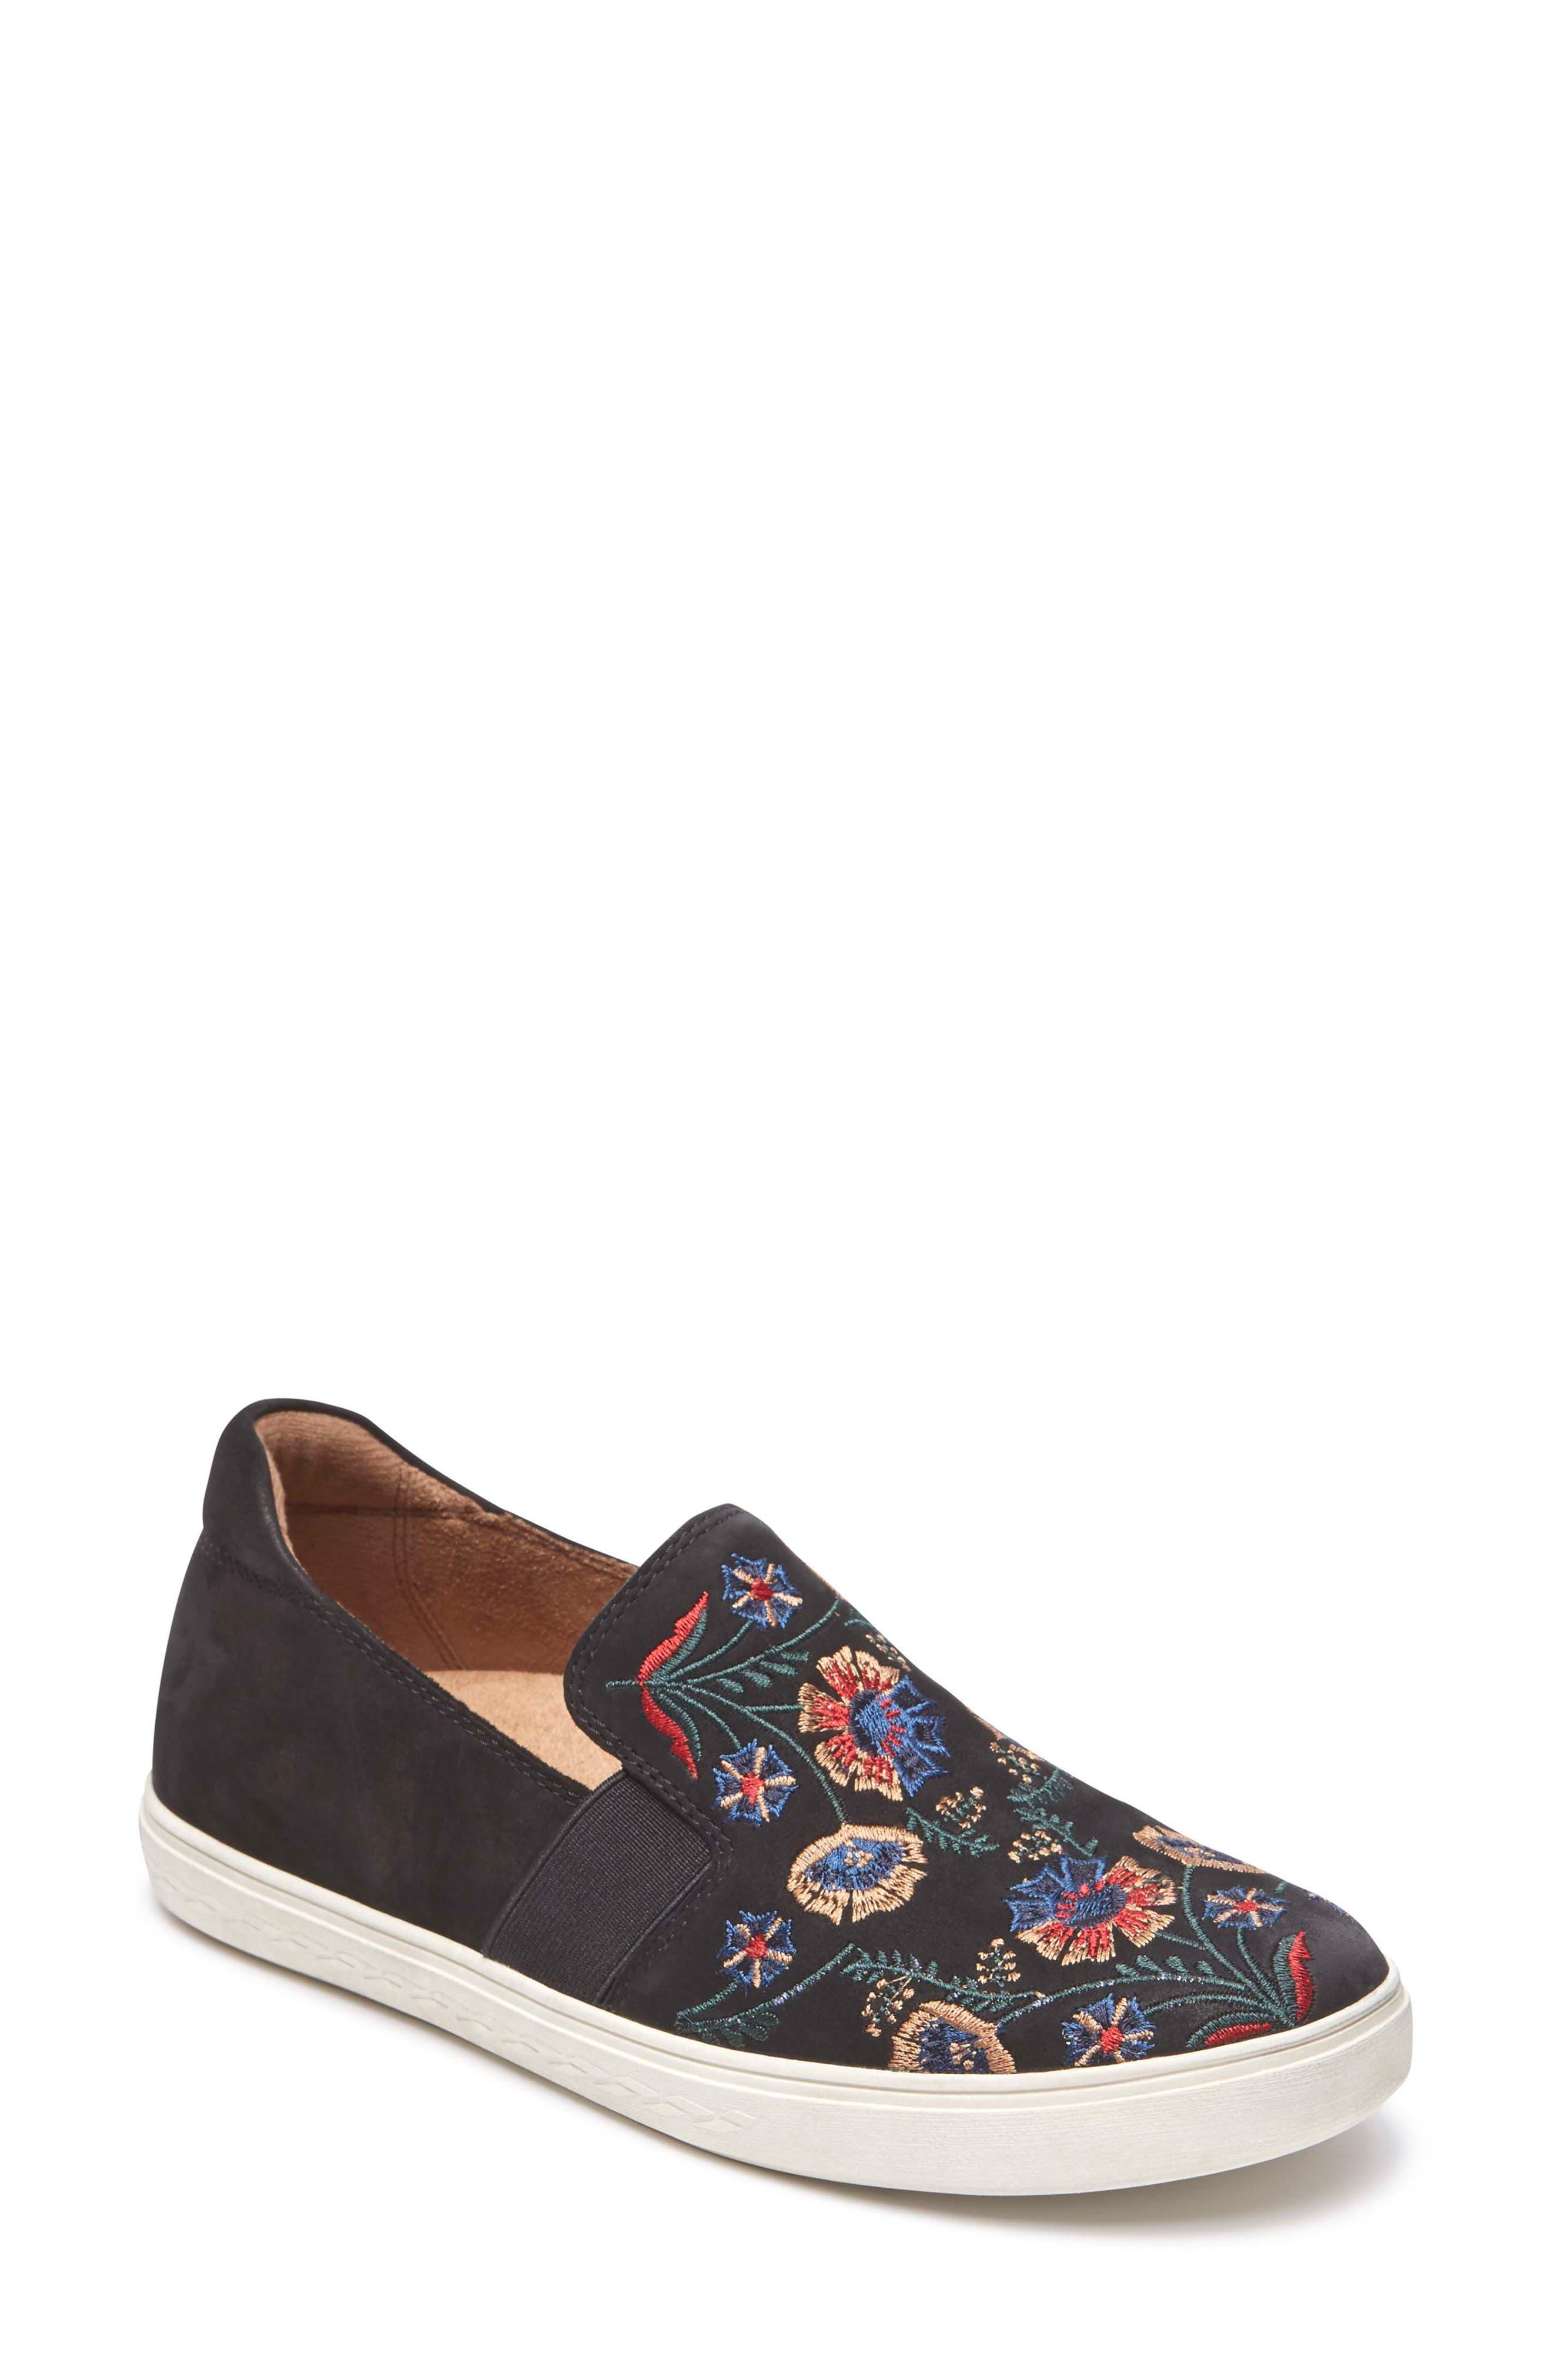 Cobb Hill Flower Embroidered Slip-On Sneaker- Black